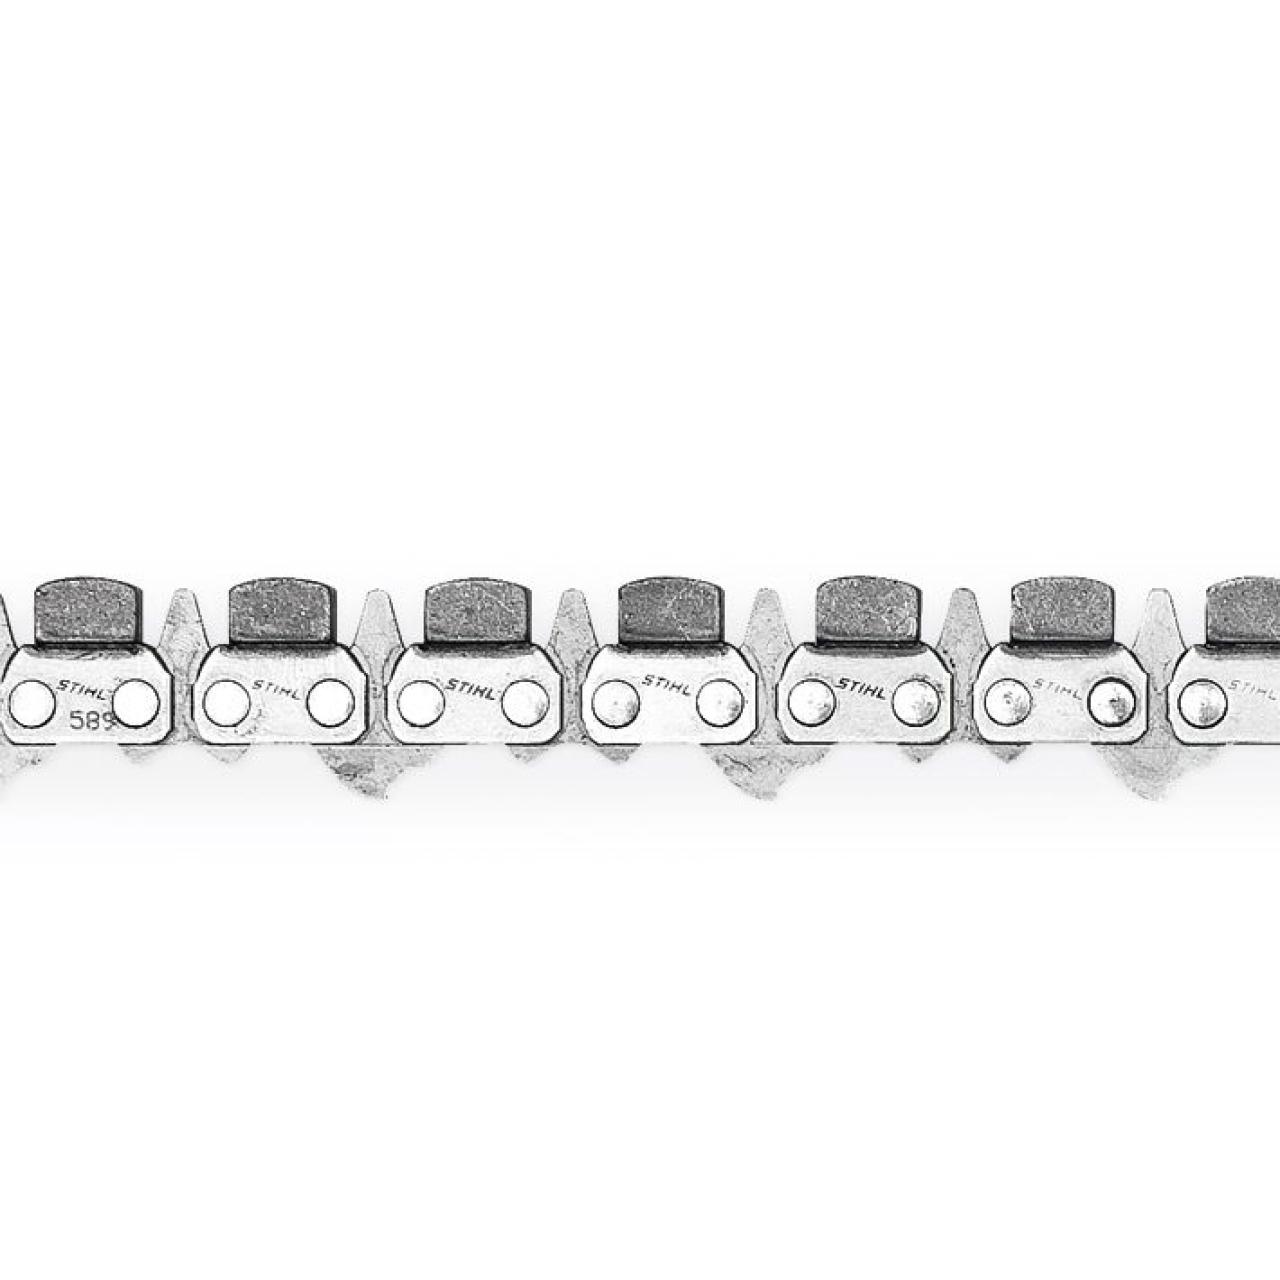 Diamant-Trennschleifkette 36 GBM